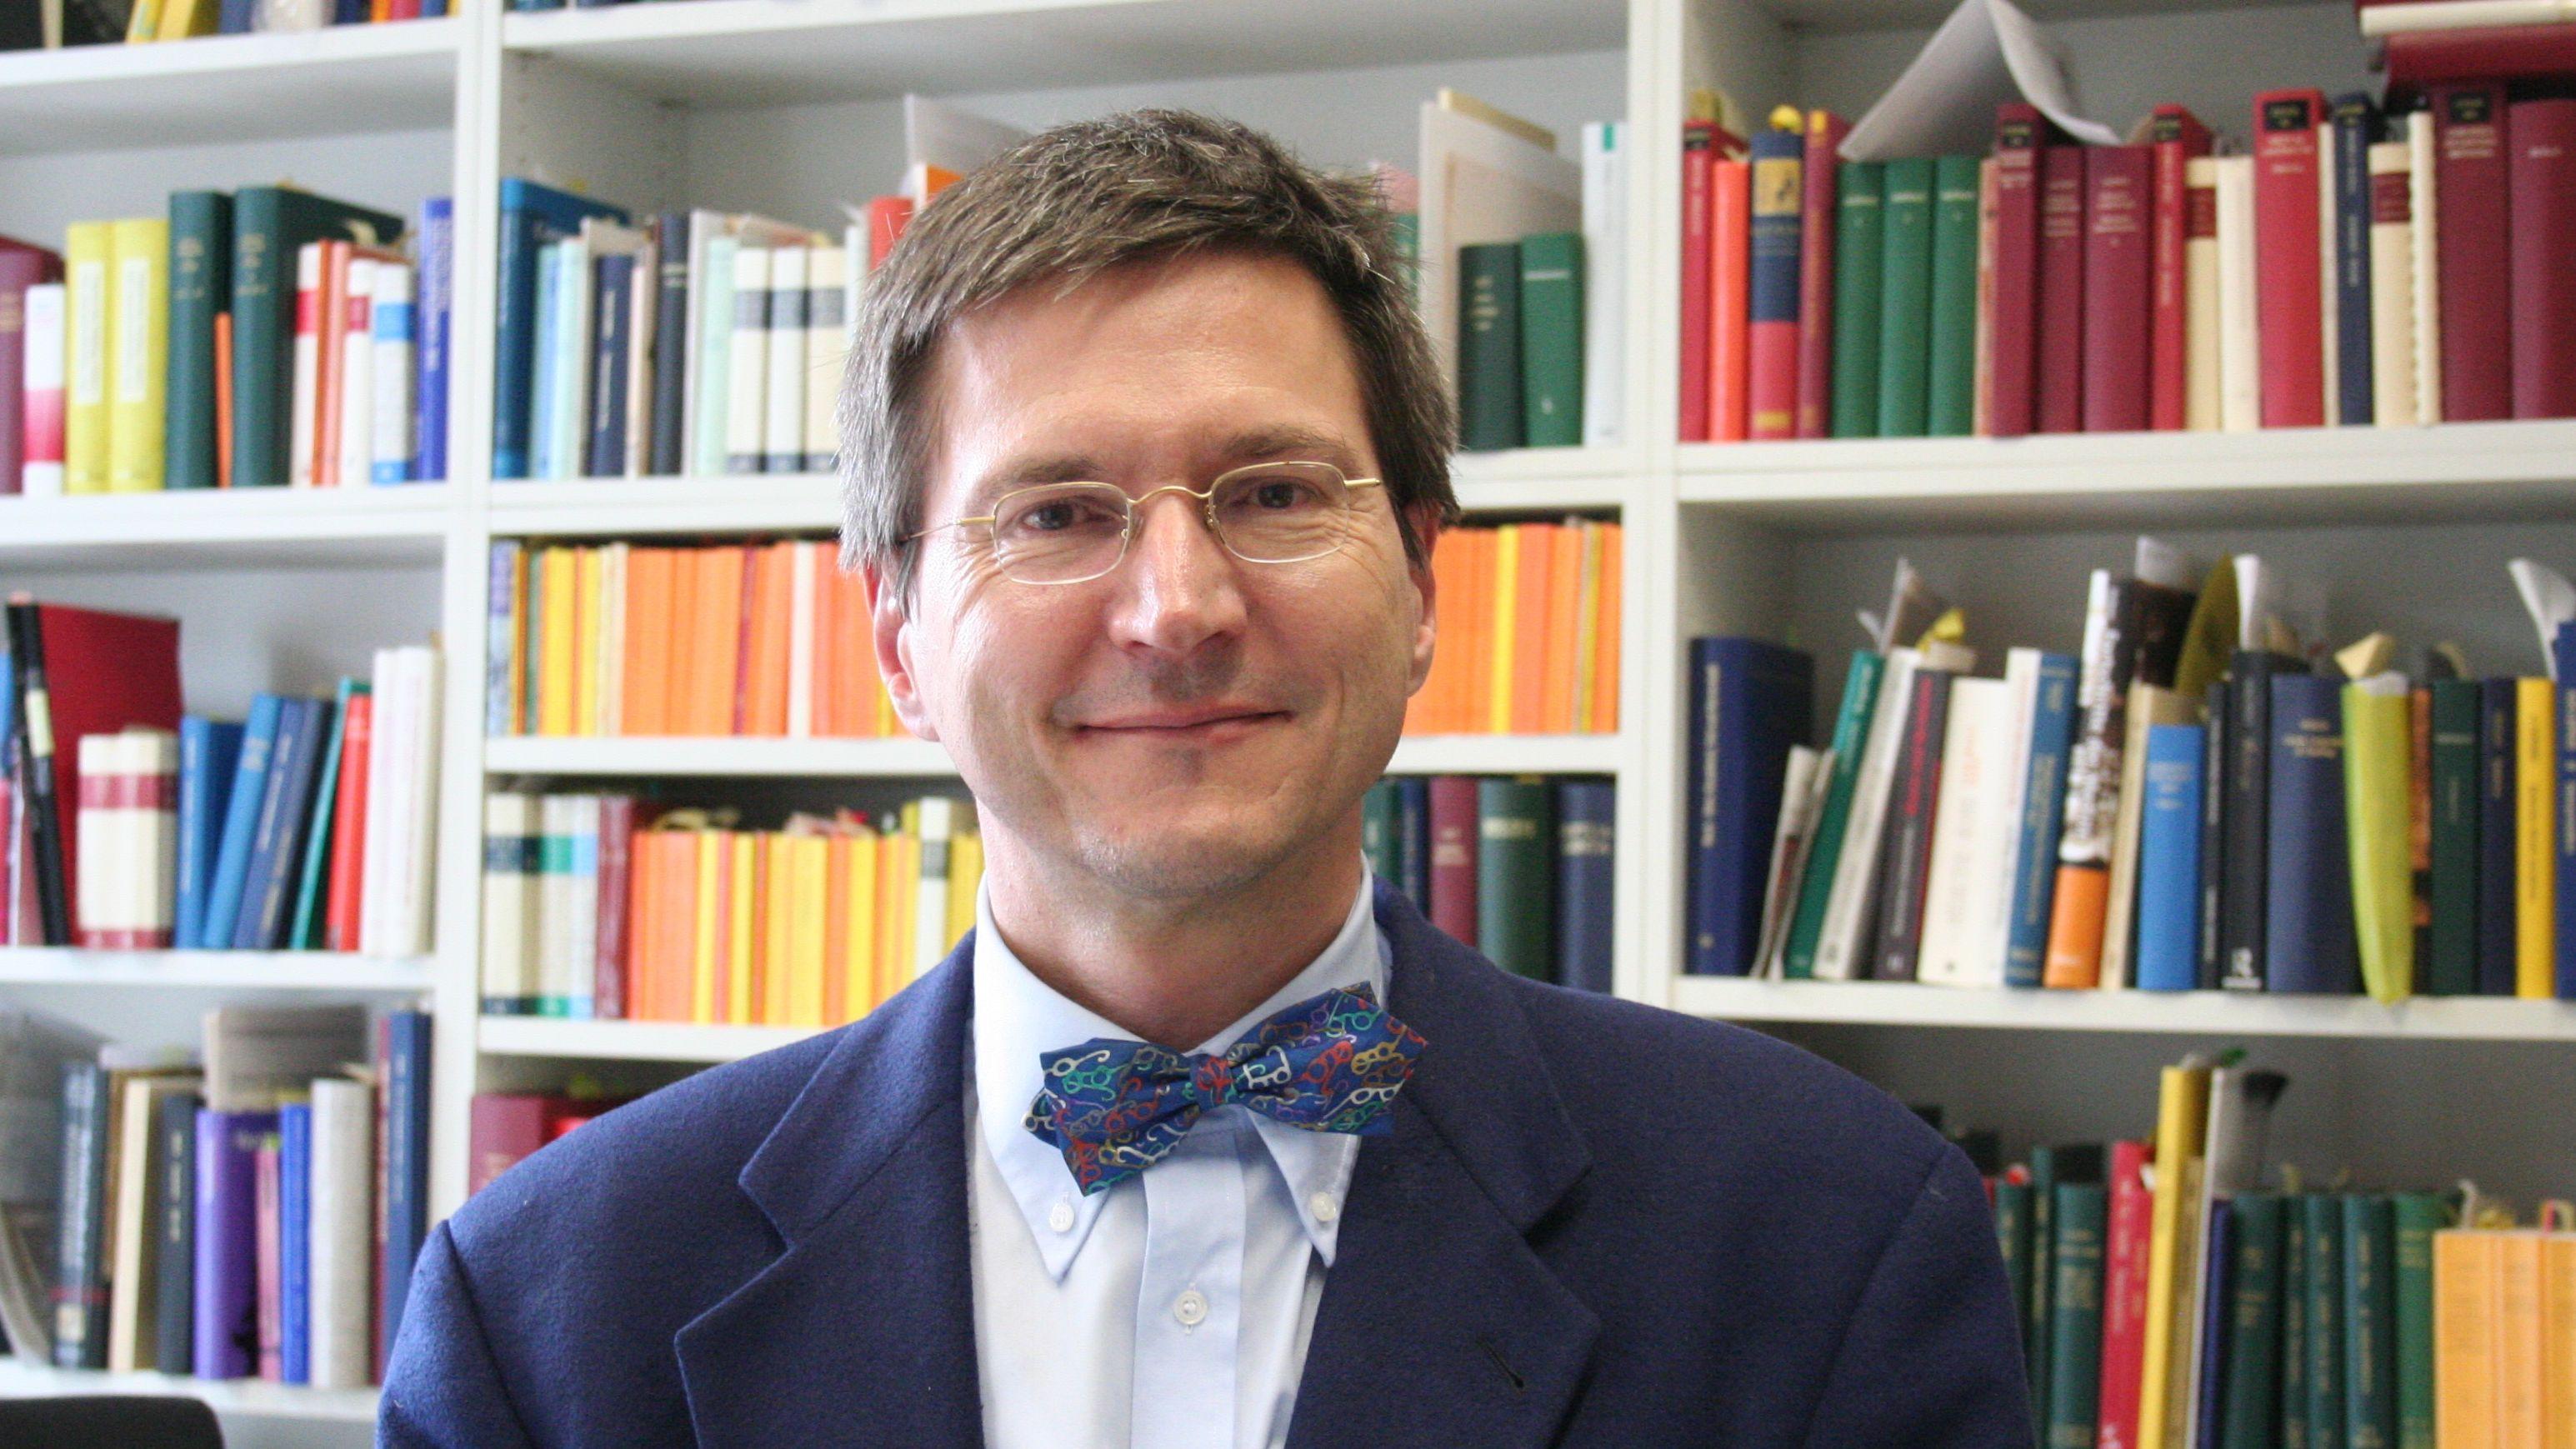 Porträt eines Mannes mit Brille, blauem Anzug und Fliege vor einem Bücherregal.